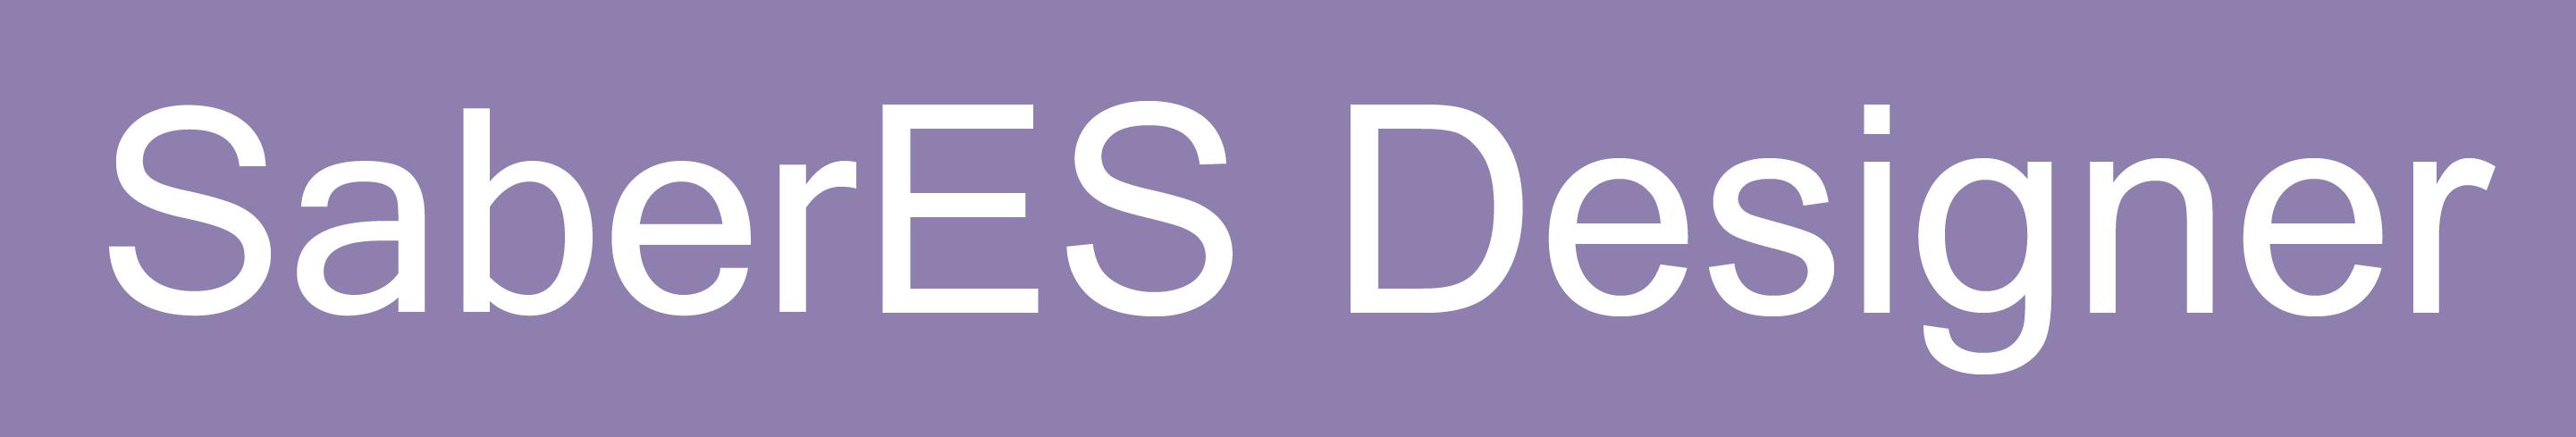 SaberES-D